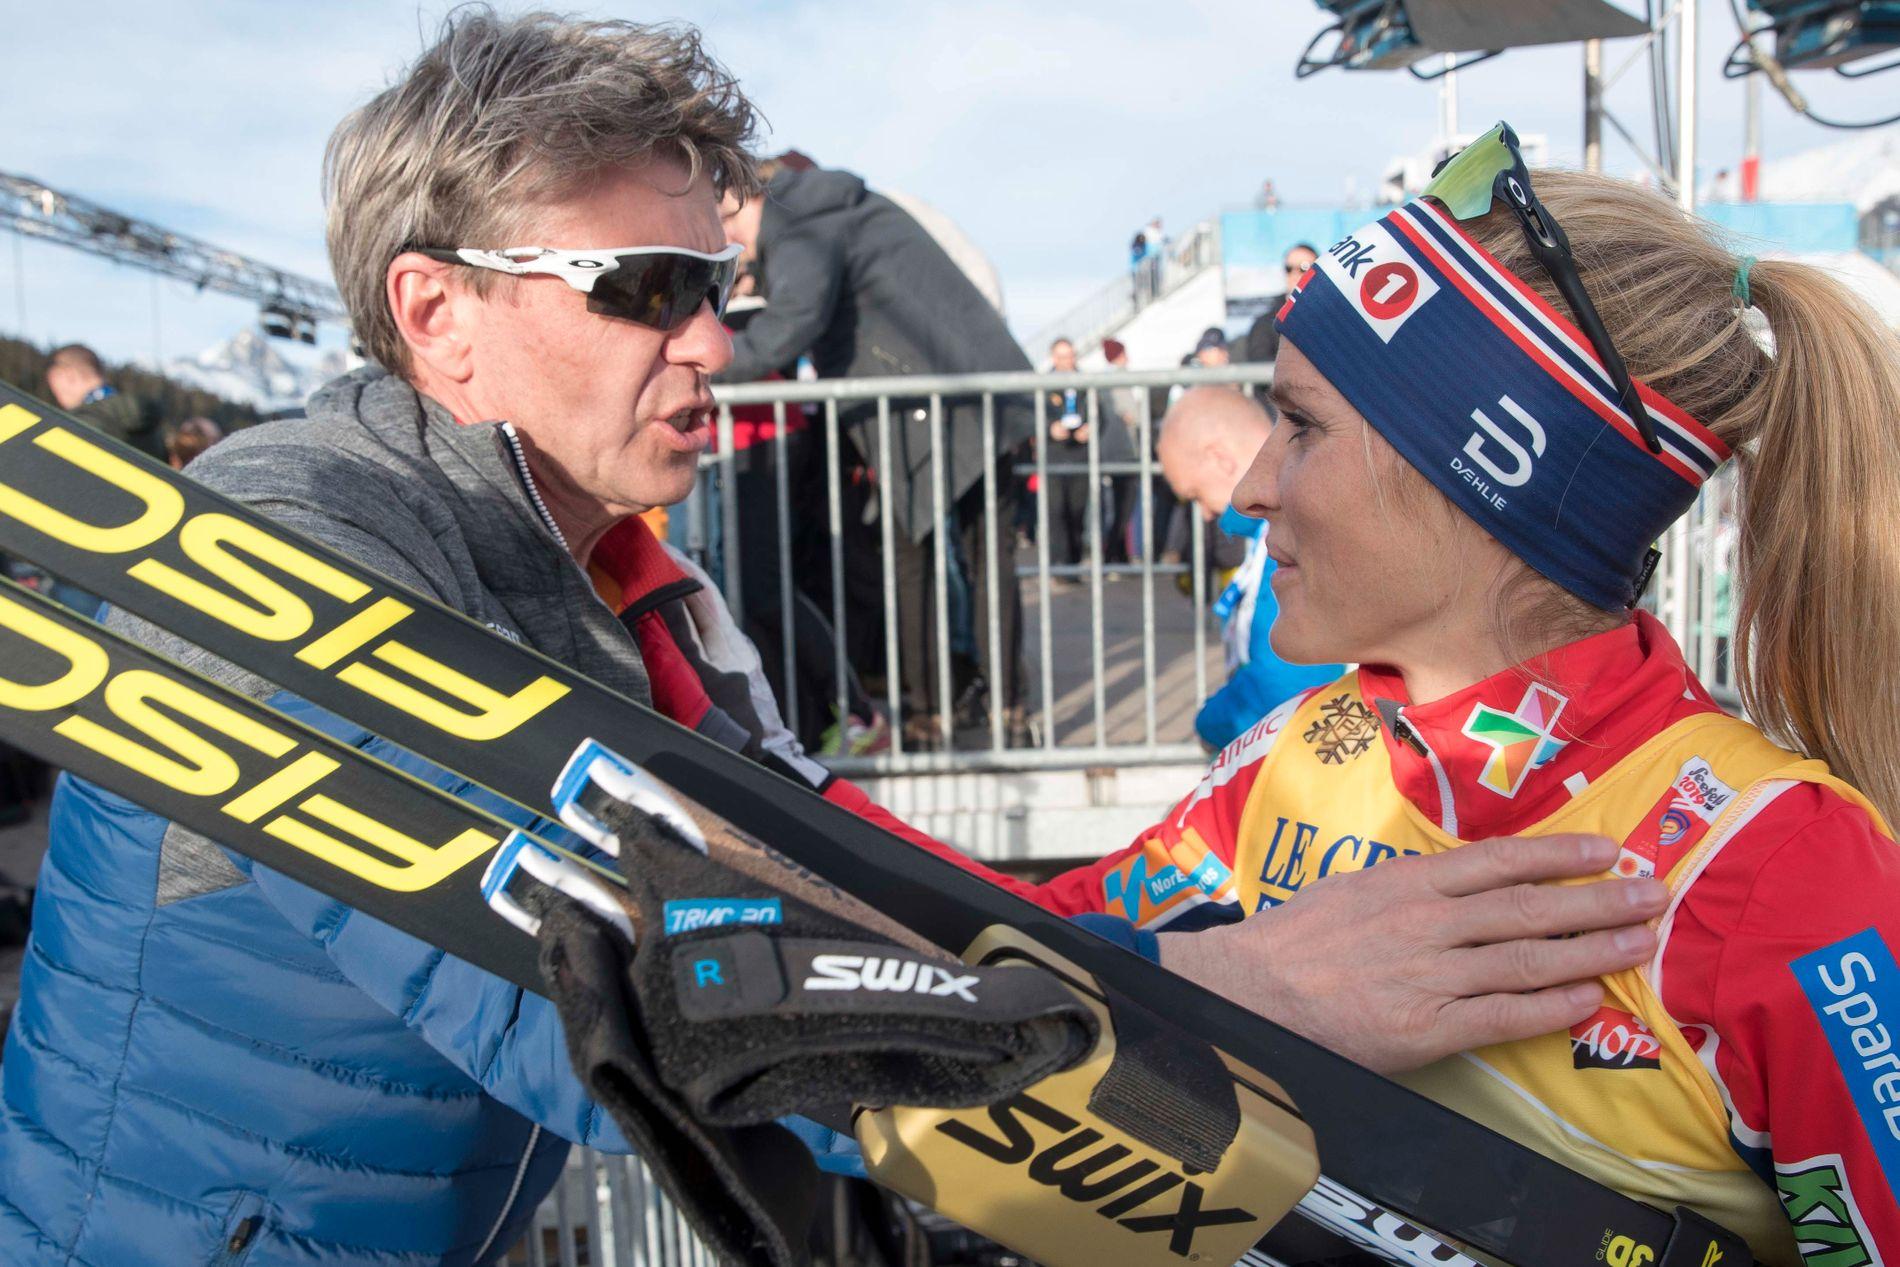 EN DRØM: Manager Jørn Ernst omtaler VM i Seefeld som en drøm. Her gratulerer han Therese Johaug med gullet etter 10-kilometeren.